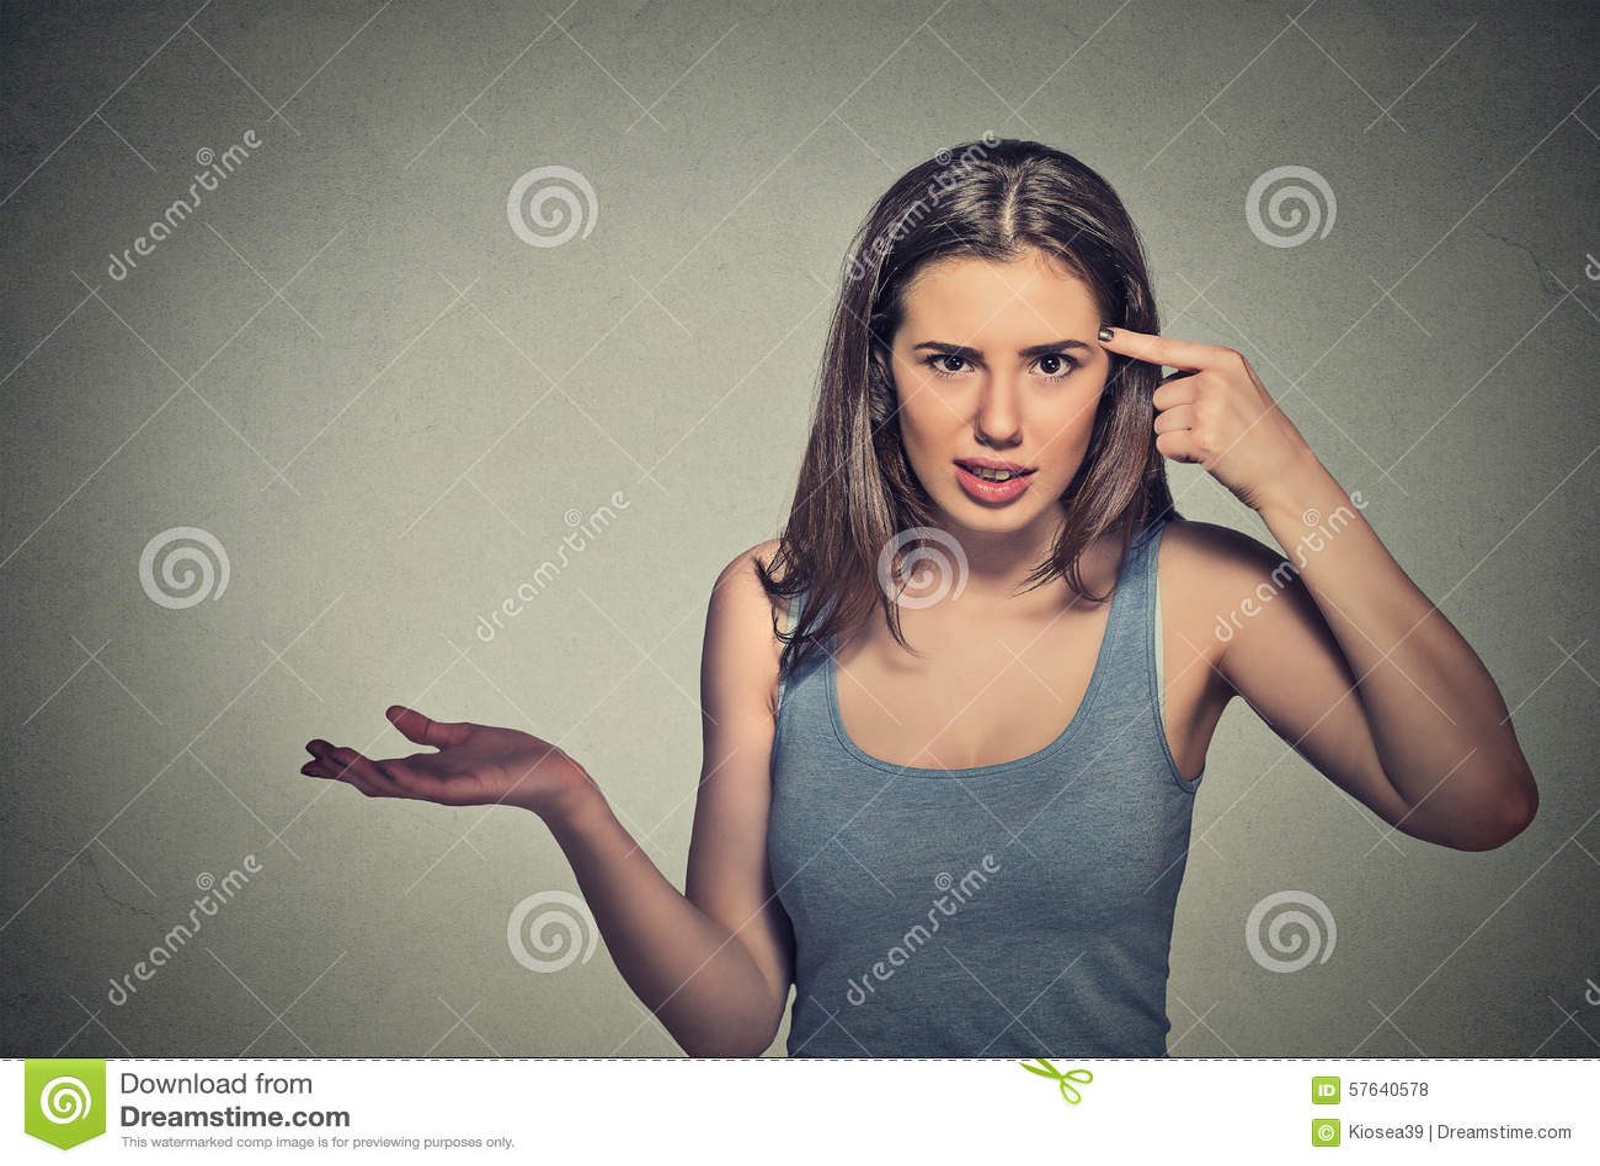 打手势要求的恼怒的少妇是您疯狂?